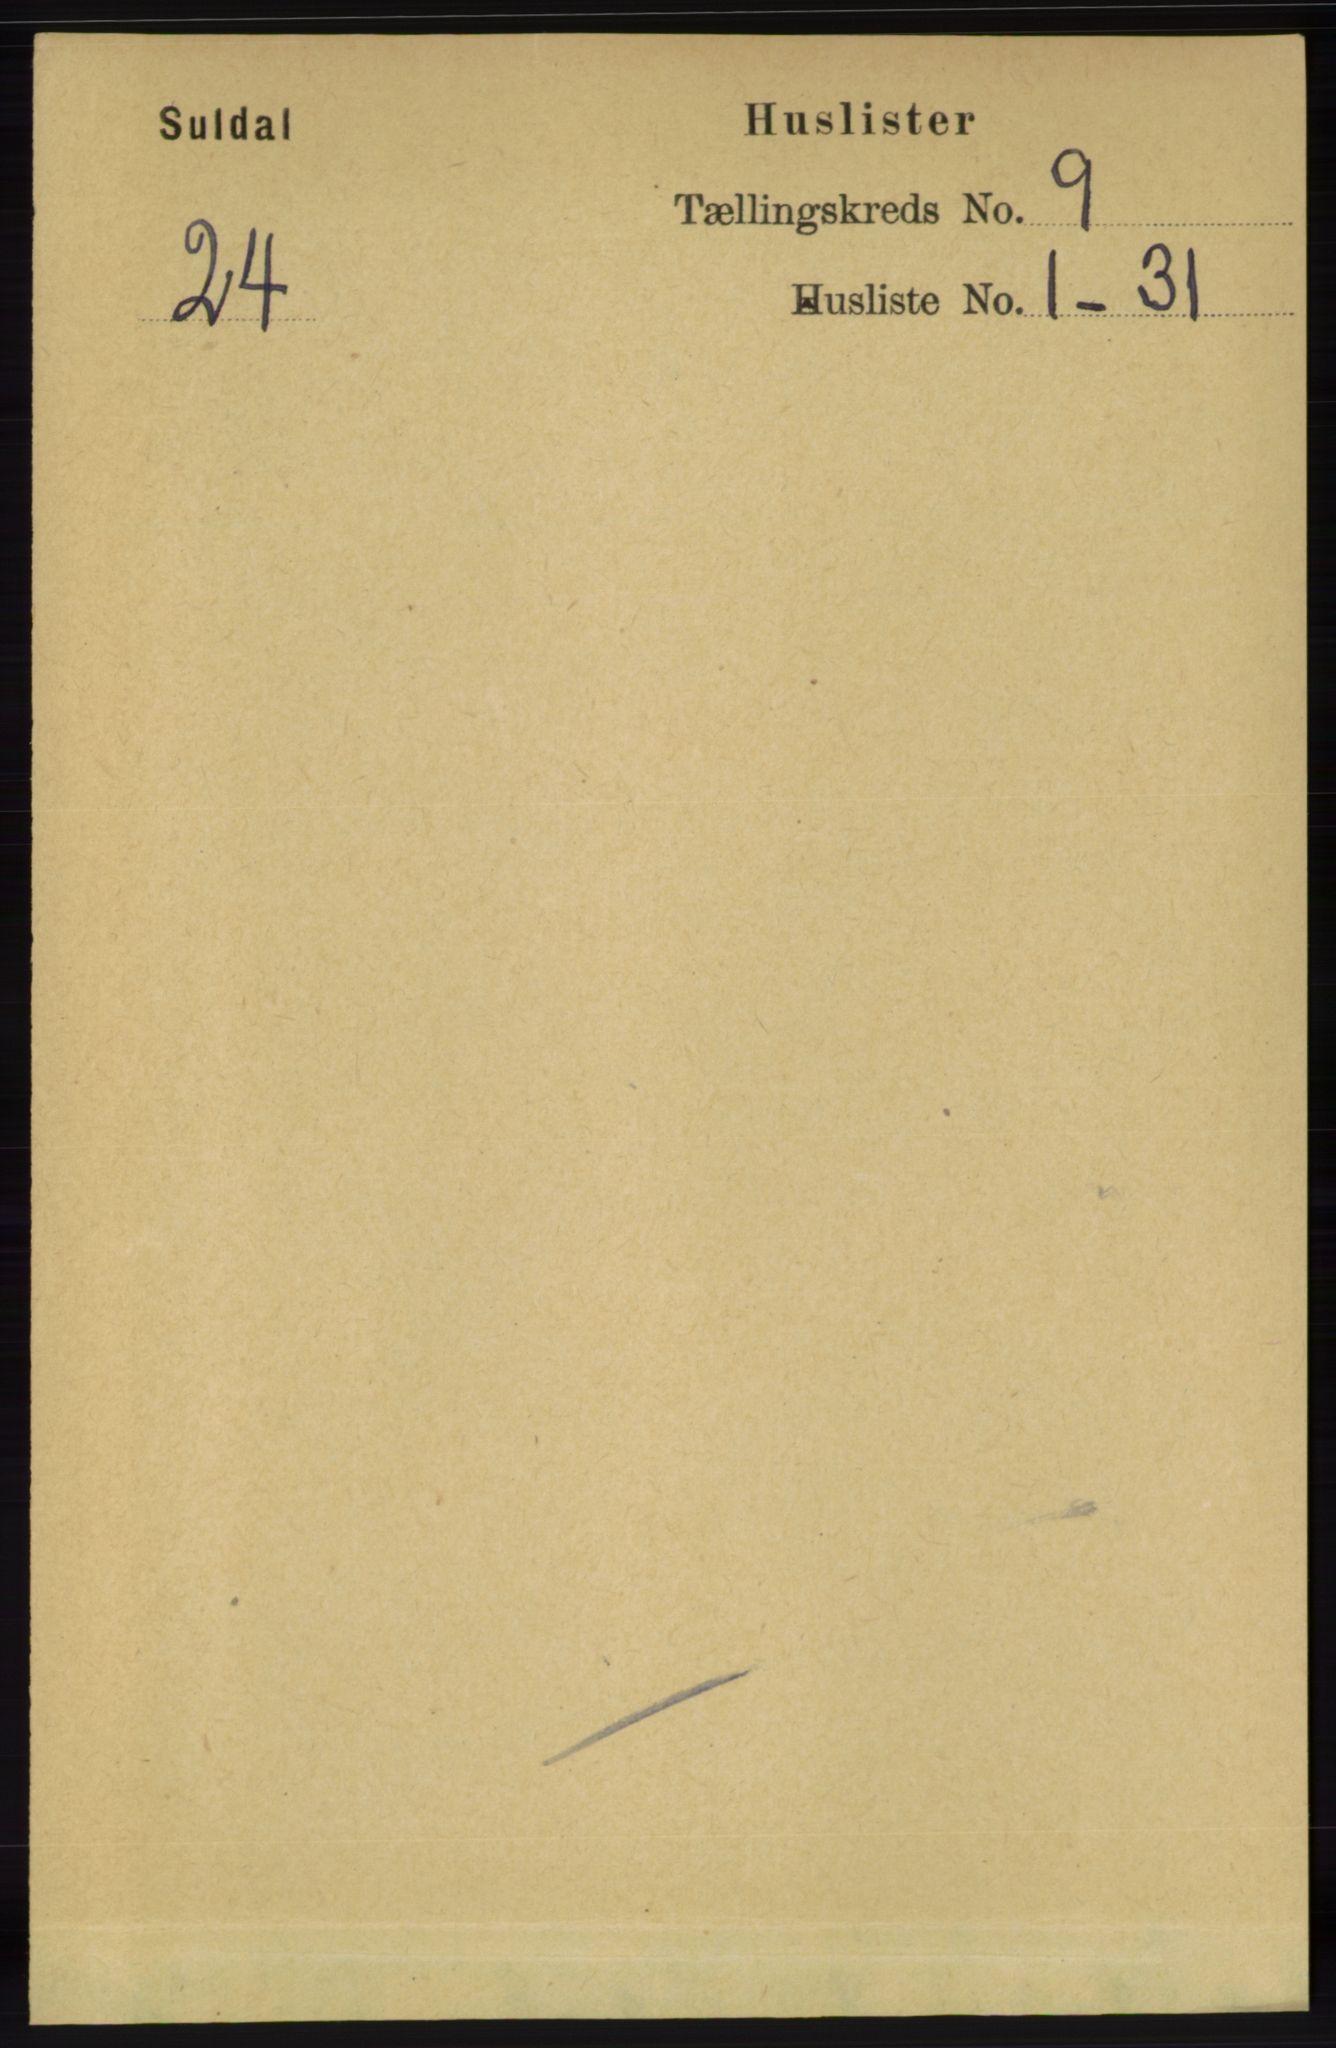 RA, Folketelling 1891 for 1134 Suldal herred, 1891, s. 2621